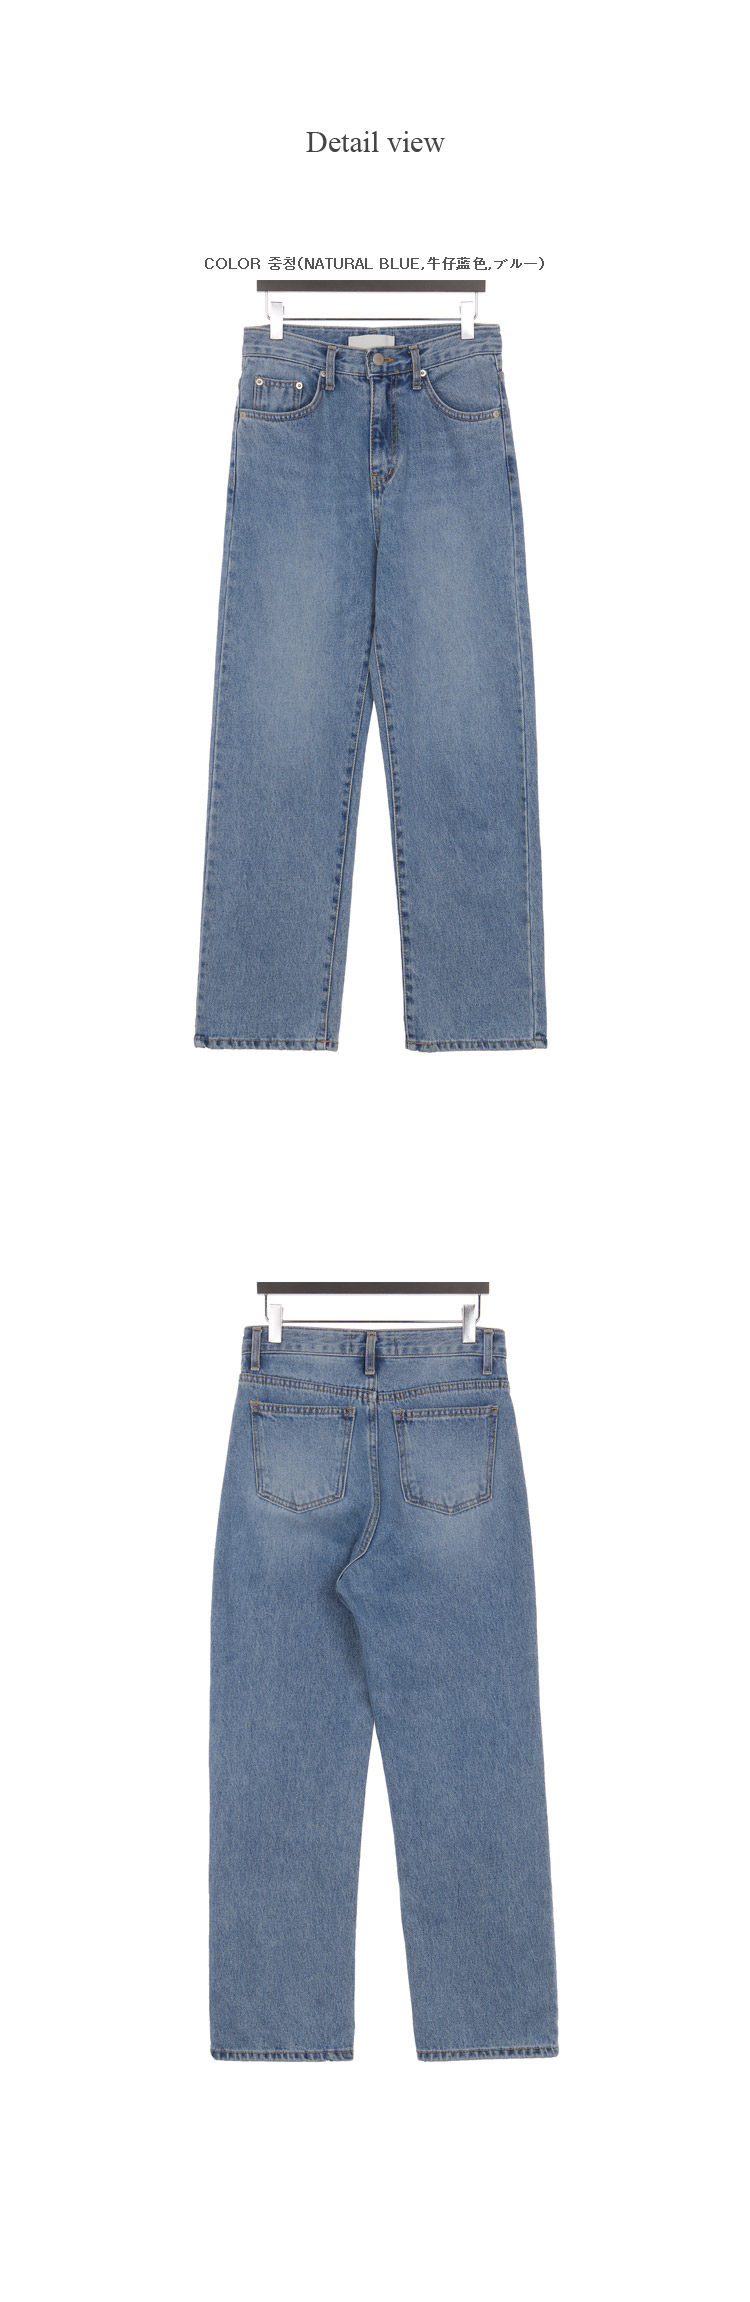 Potner pants